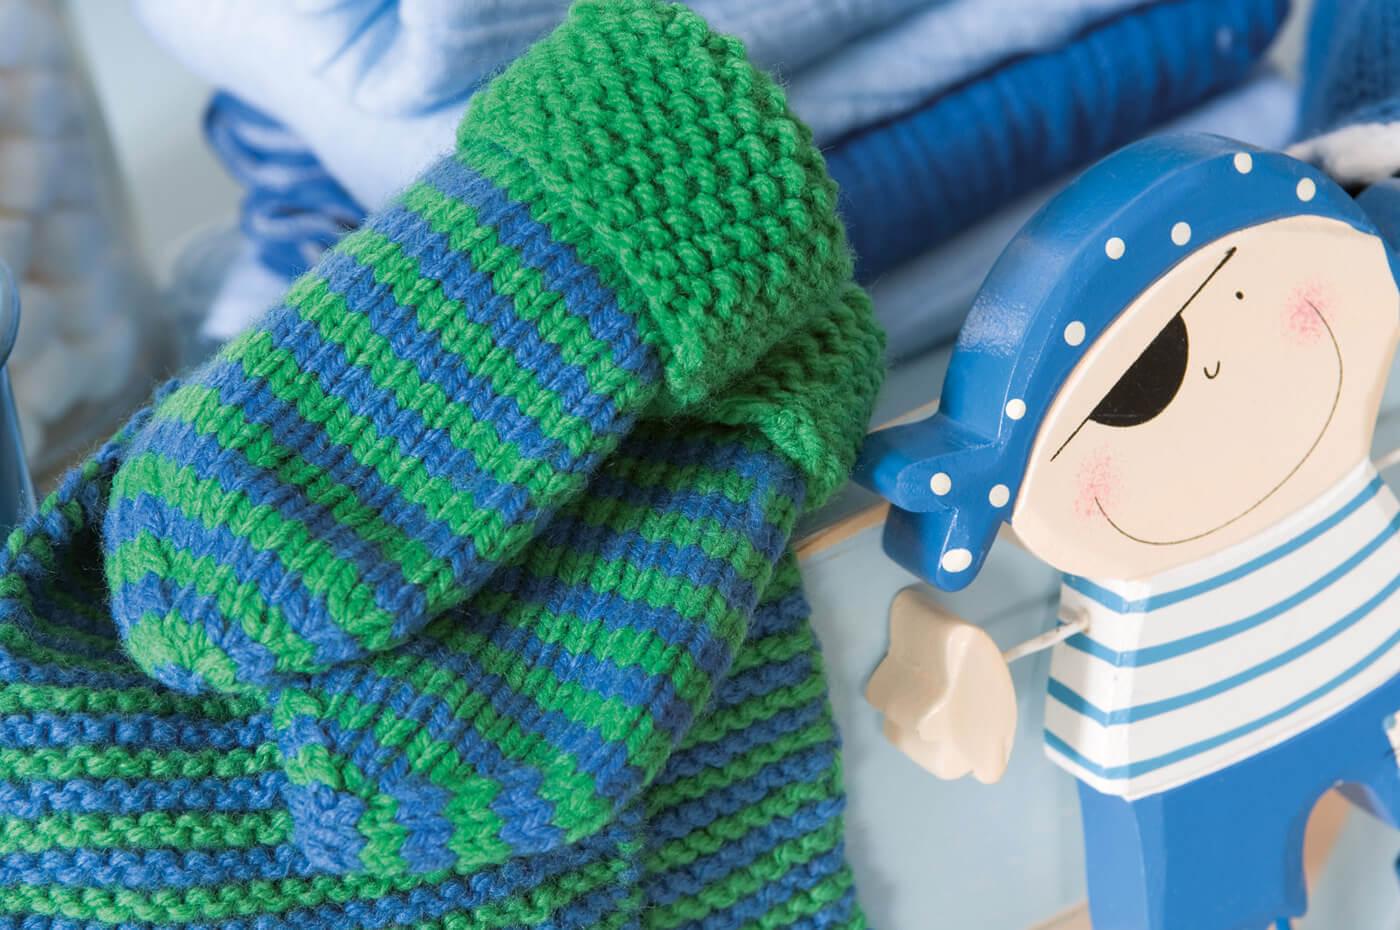 Kinder-Set mit Steckschal, Fäustlingen und Socken